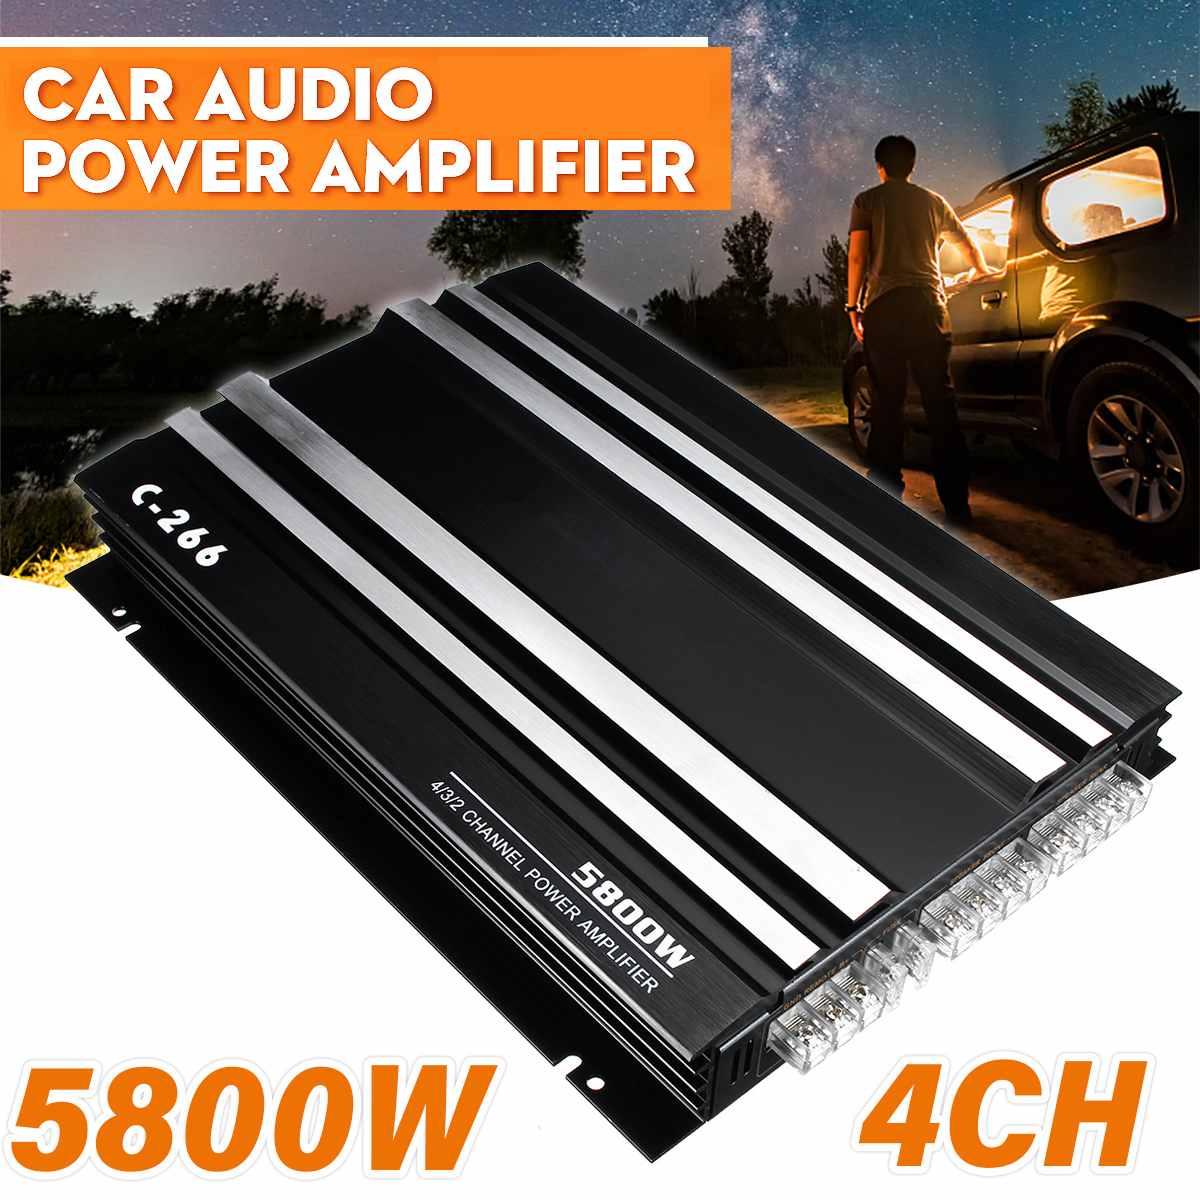 Amplificateur de voiture multicanal 12V 5800W | Caisson Audio, puissant, en alliage d'aluminium, puissance de véhicule stéréo Amp voiture, amplificateur de son